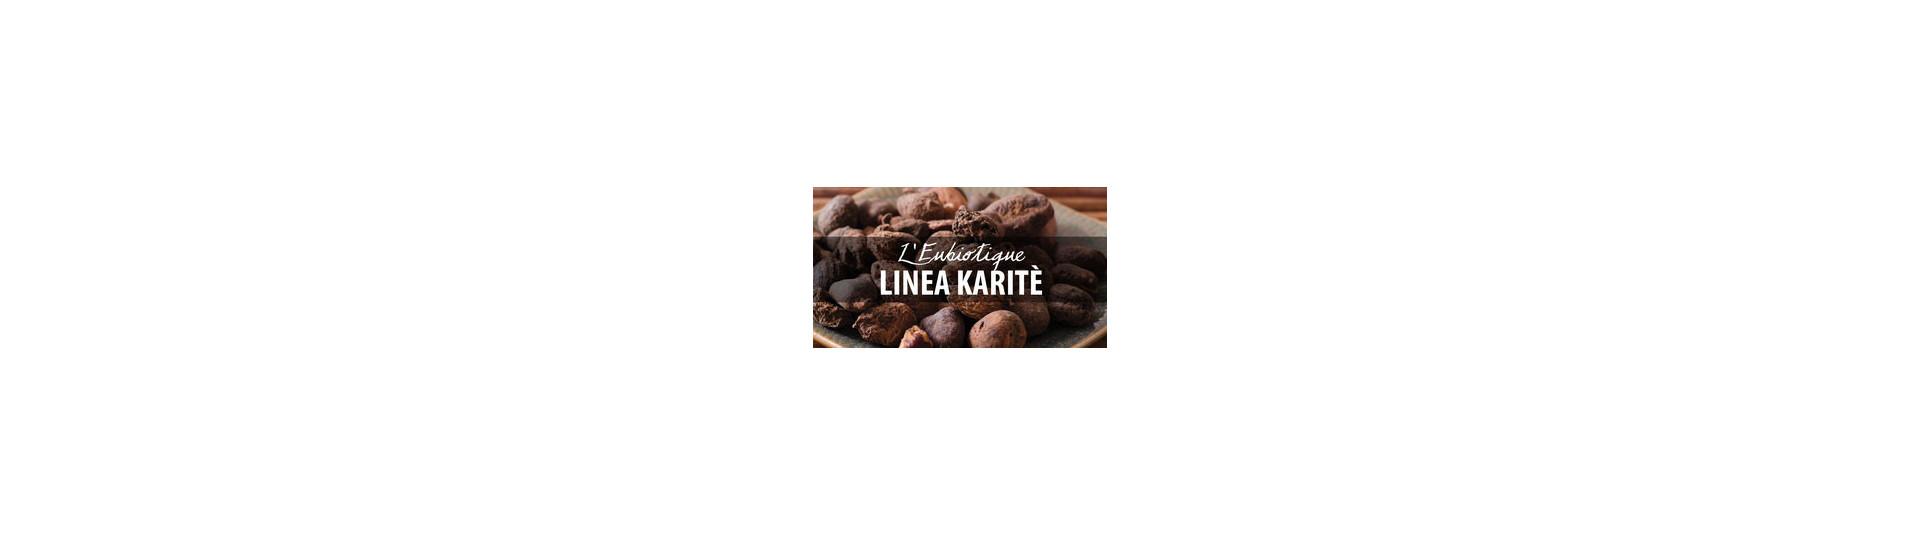 Linea Karitè